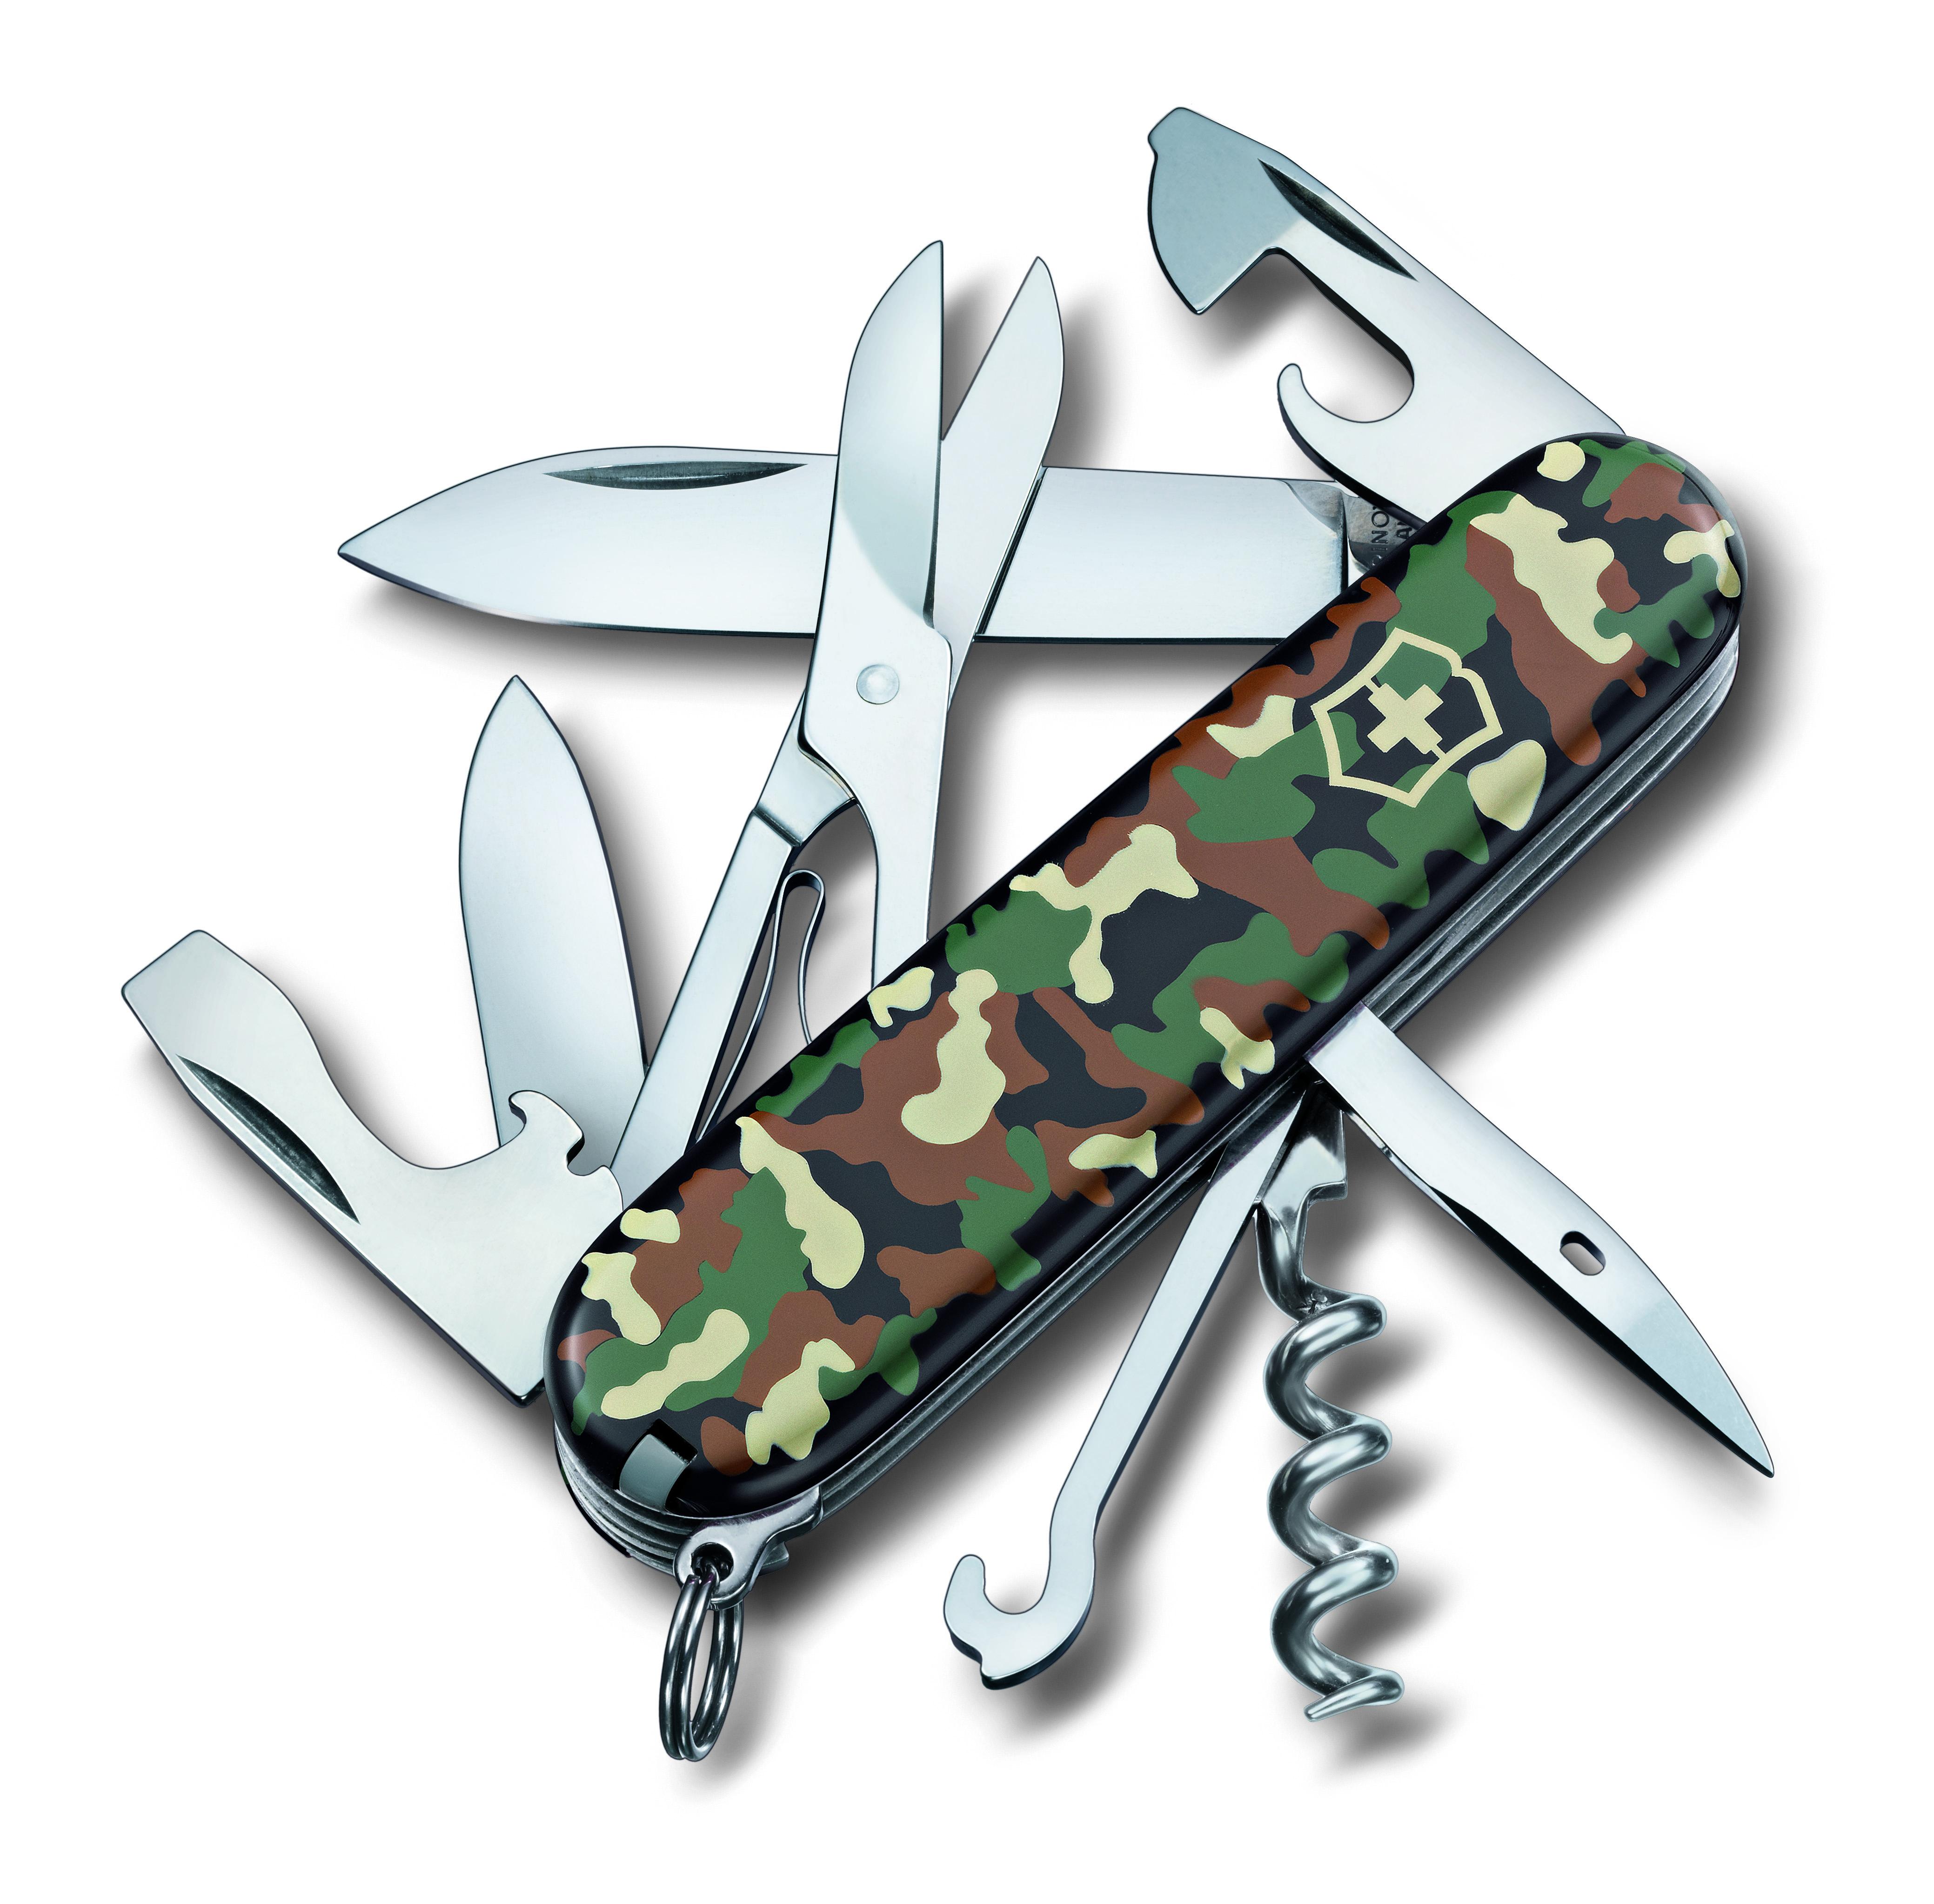 Нож перочинный Victorinox  Climber , 14 функций, цвет: камуфляж, длина 9,1 см - Ножи и мультитулы